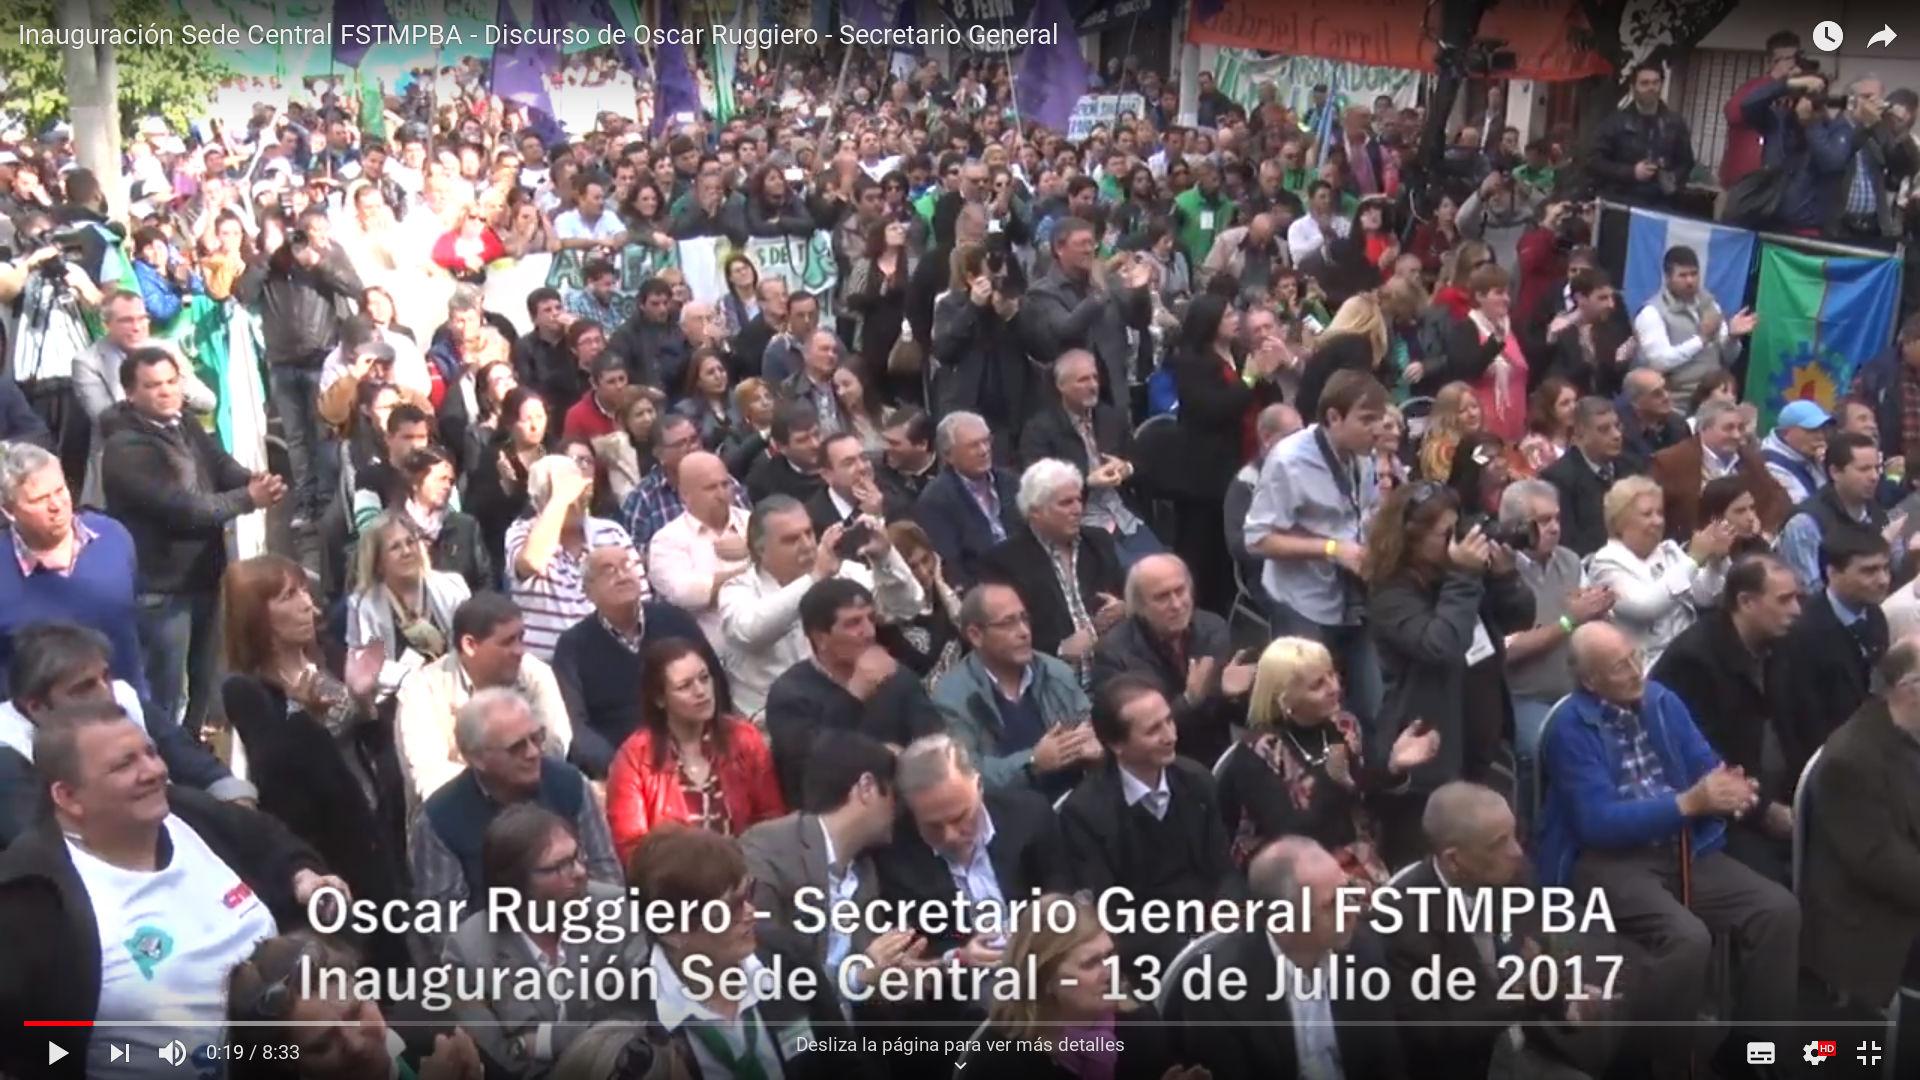 Inauguración Sede Central FSTMPBA - Discurso de Oscar Ruggiero - Secretario General